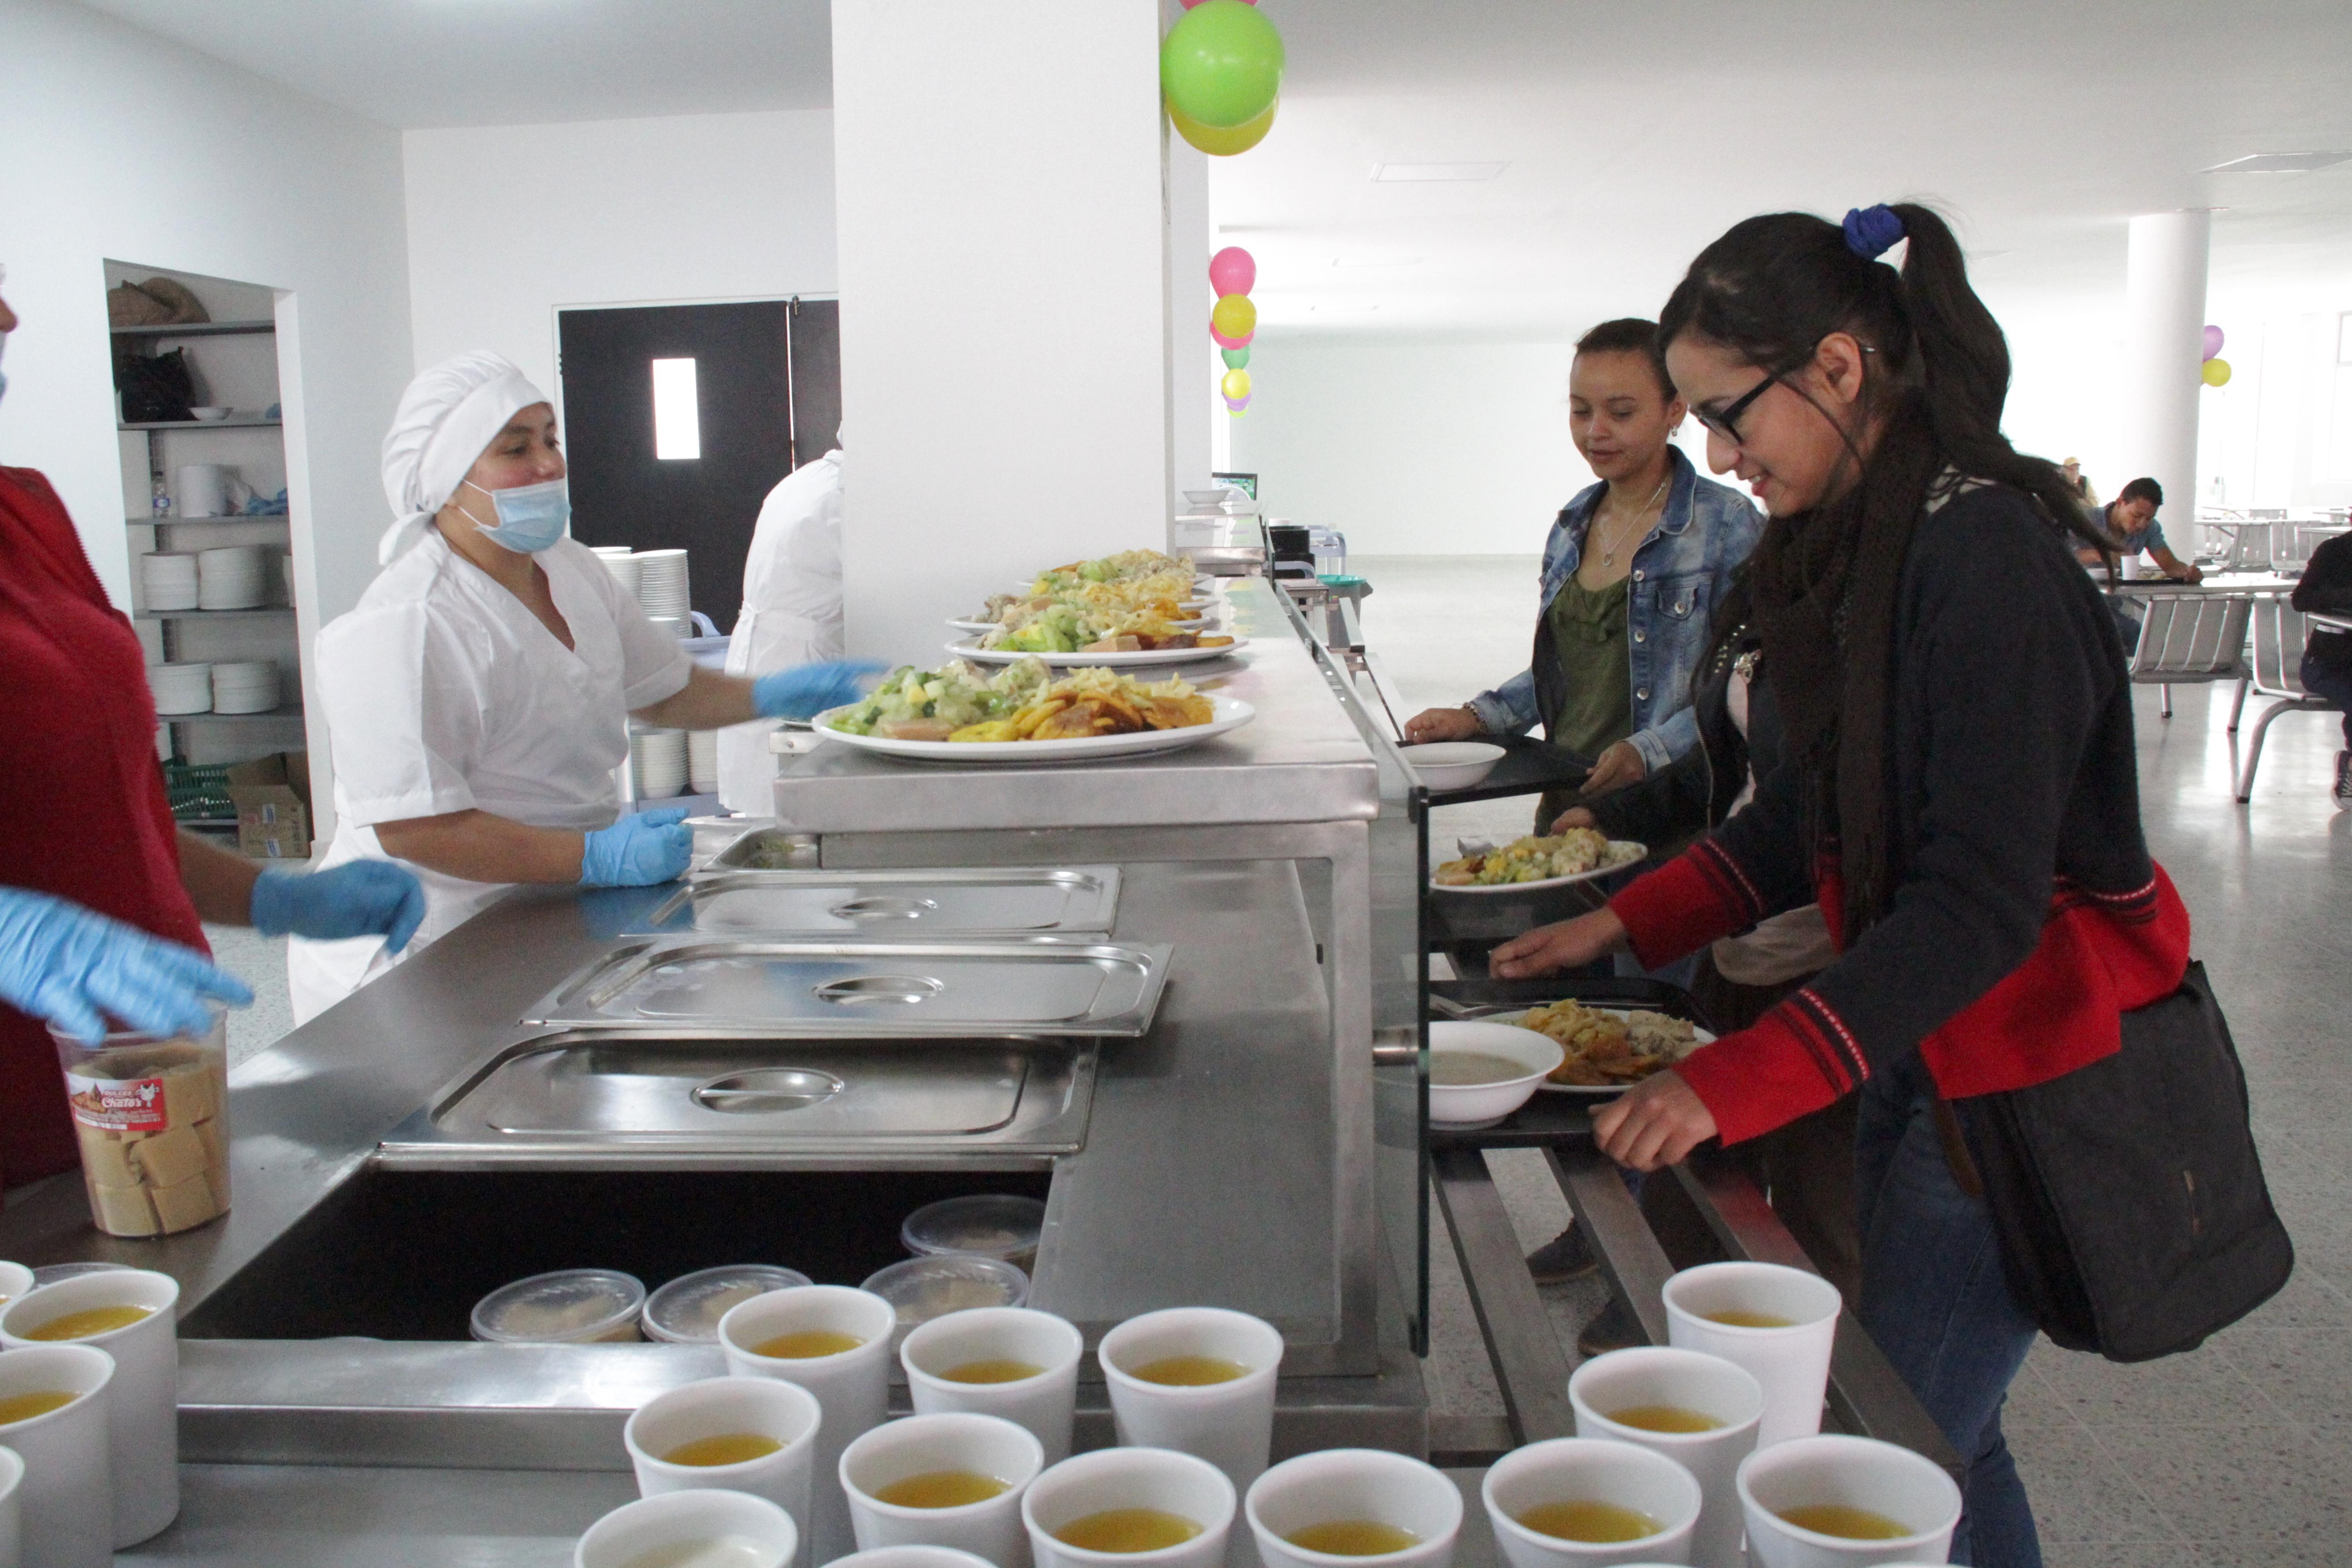 Universidad de pamplona inici servicio de comedor for Comedor estudiantil